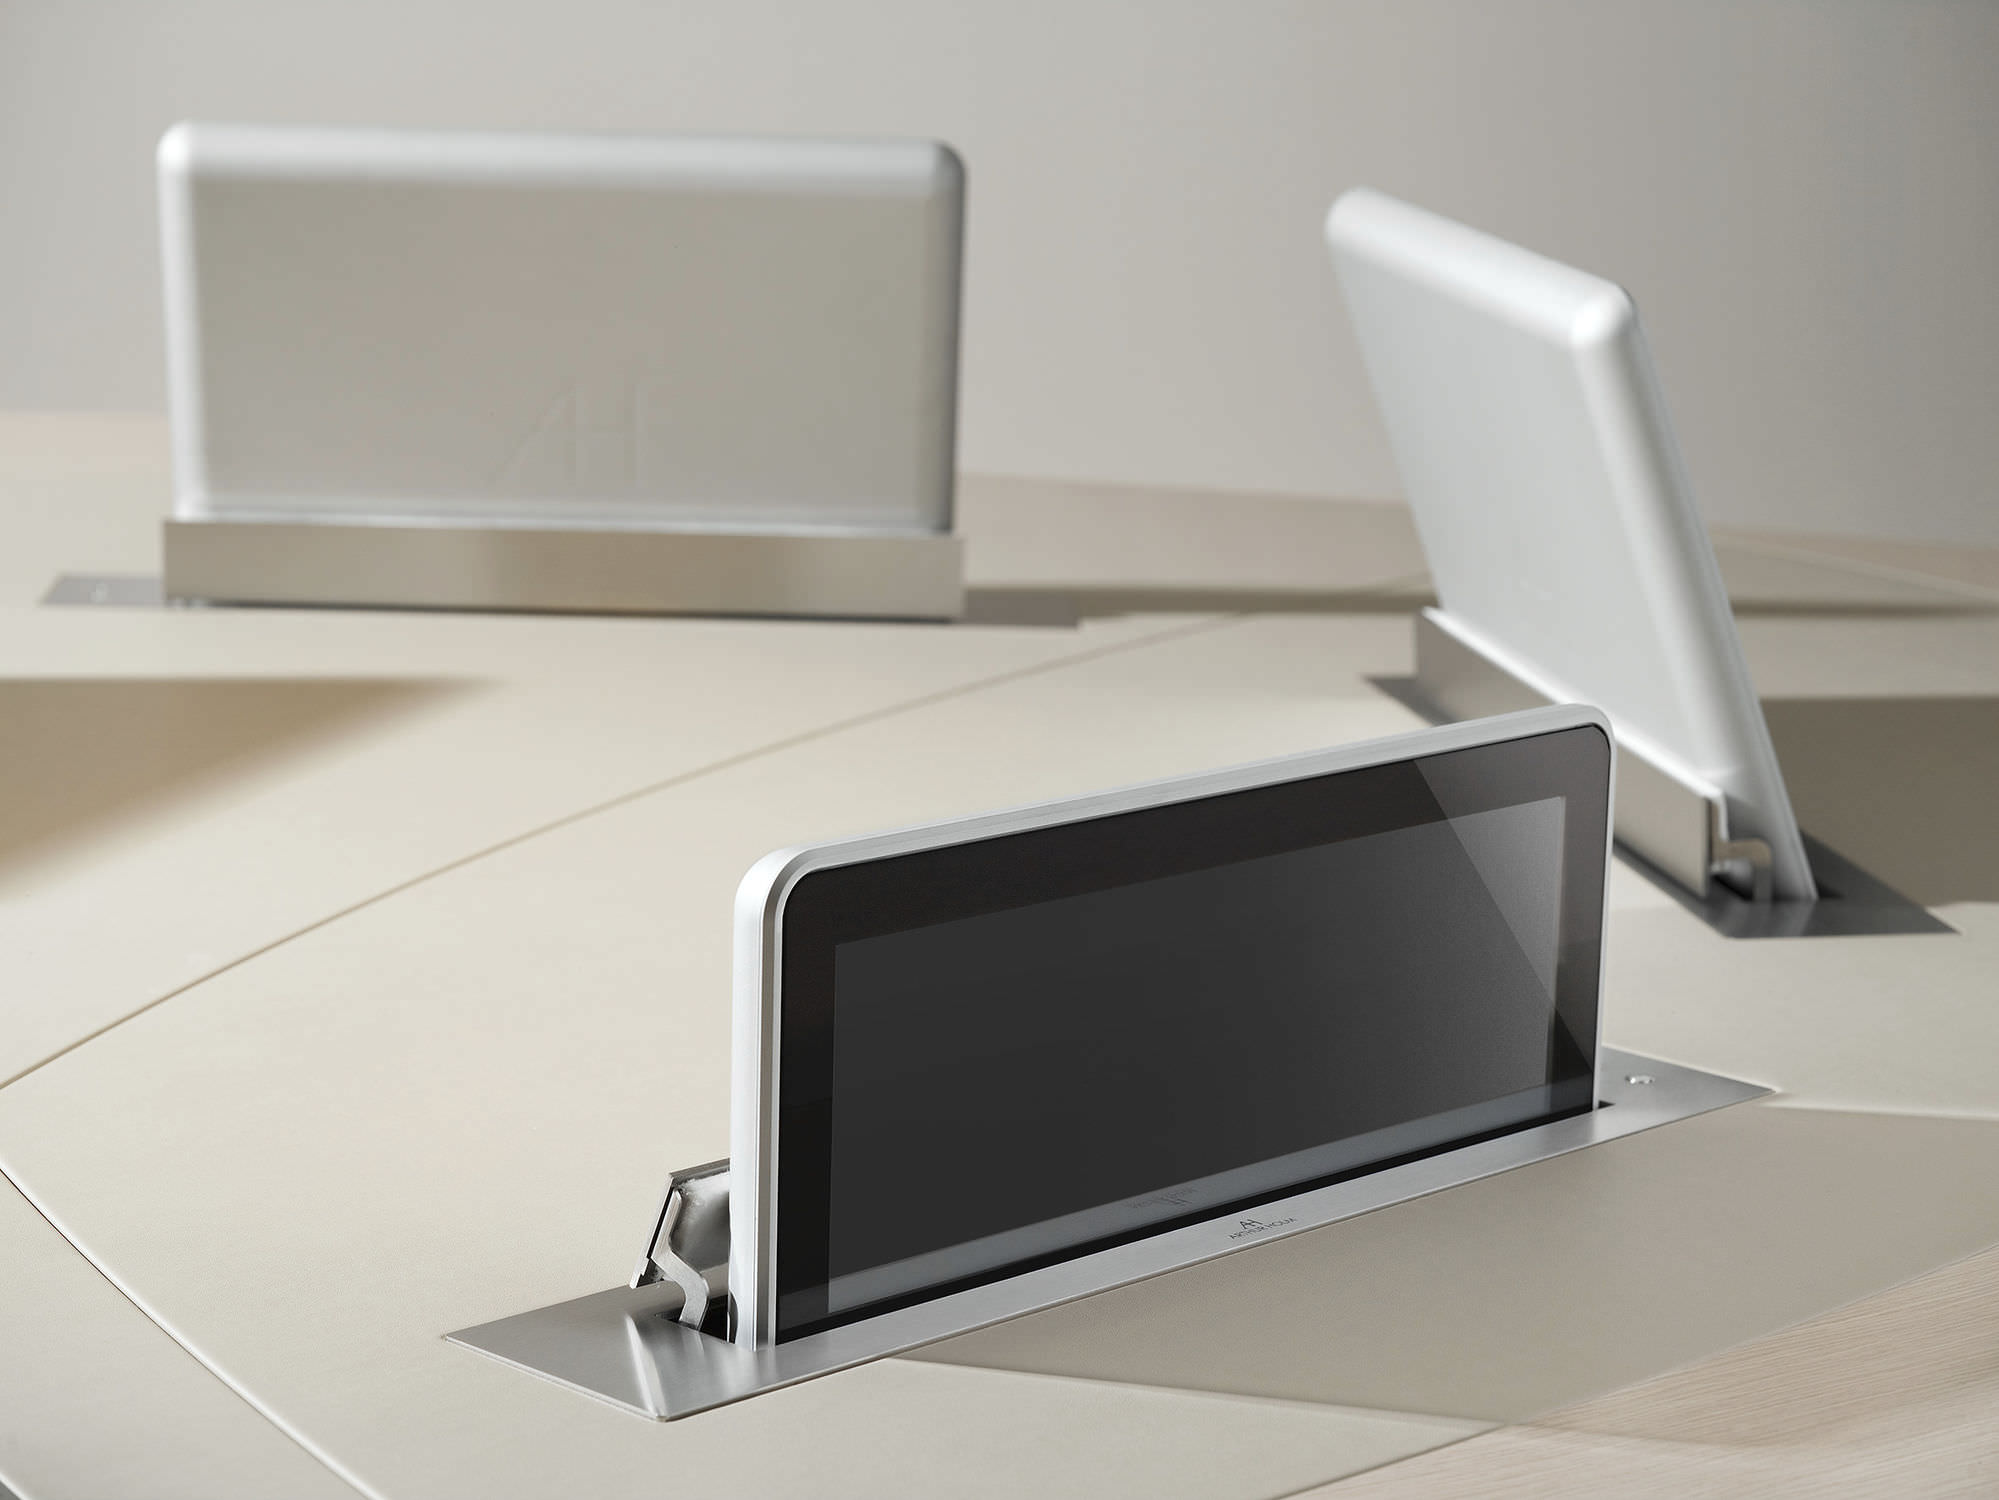 Cran Tactile Pour Table De Conf Rence Mural R Tractable  # Image Des Table Pour Les Ecrans